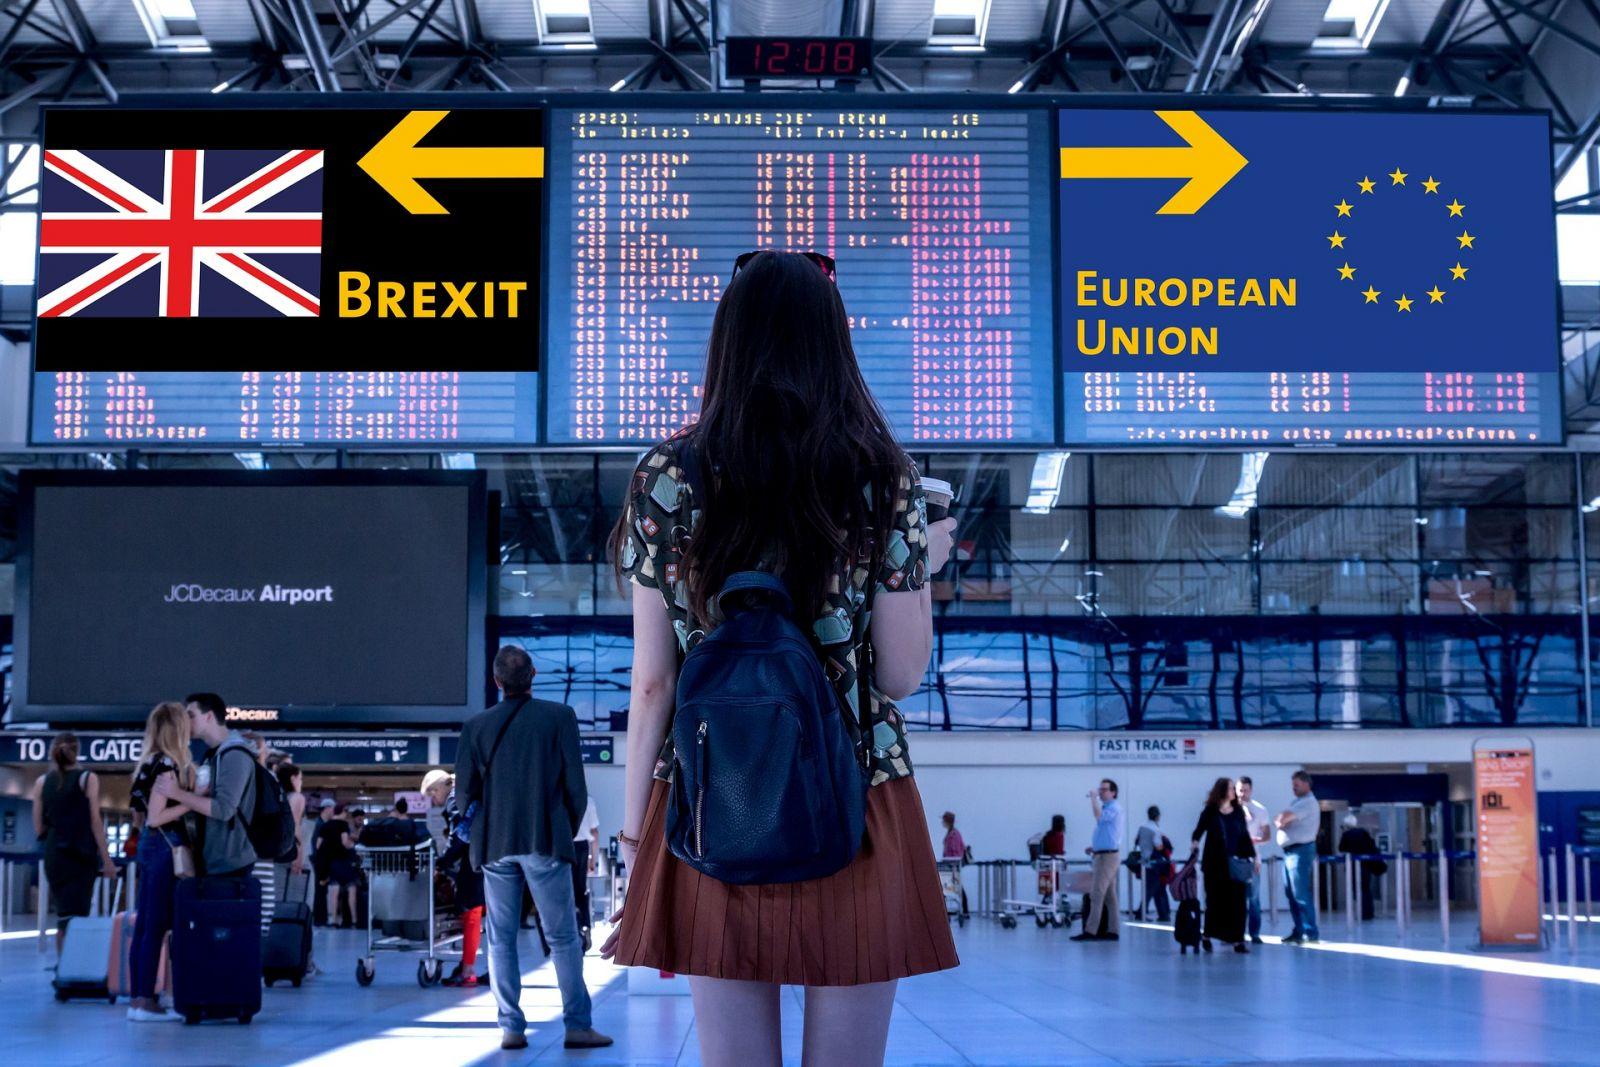 Безвизовите пътувания  на британците до страните от ЕС са гарантирани със или без сделка за Брекзит